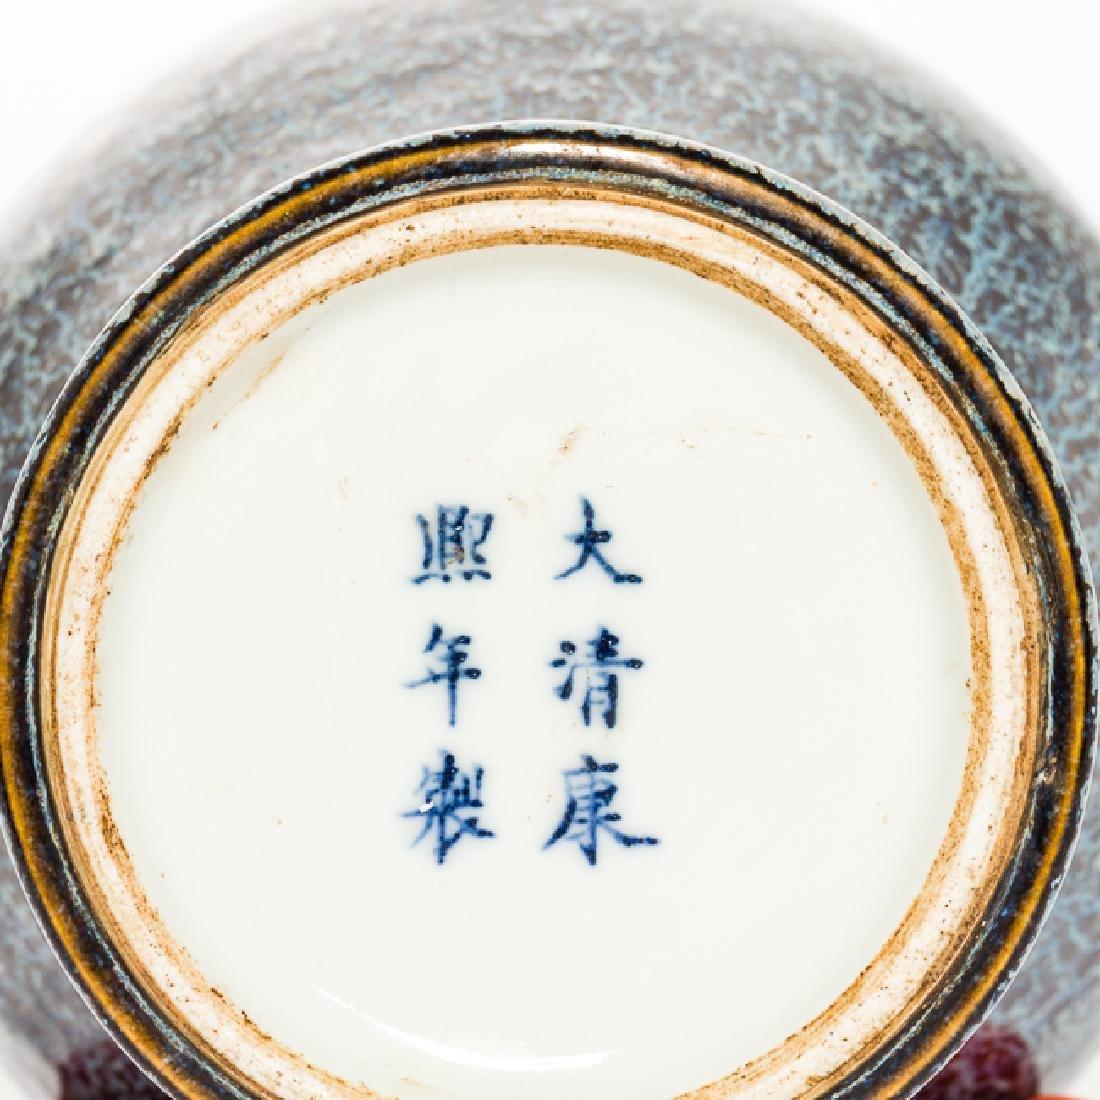 Chinese Antique Flambe-Glazed Porcelain Vase - 2